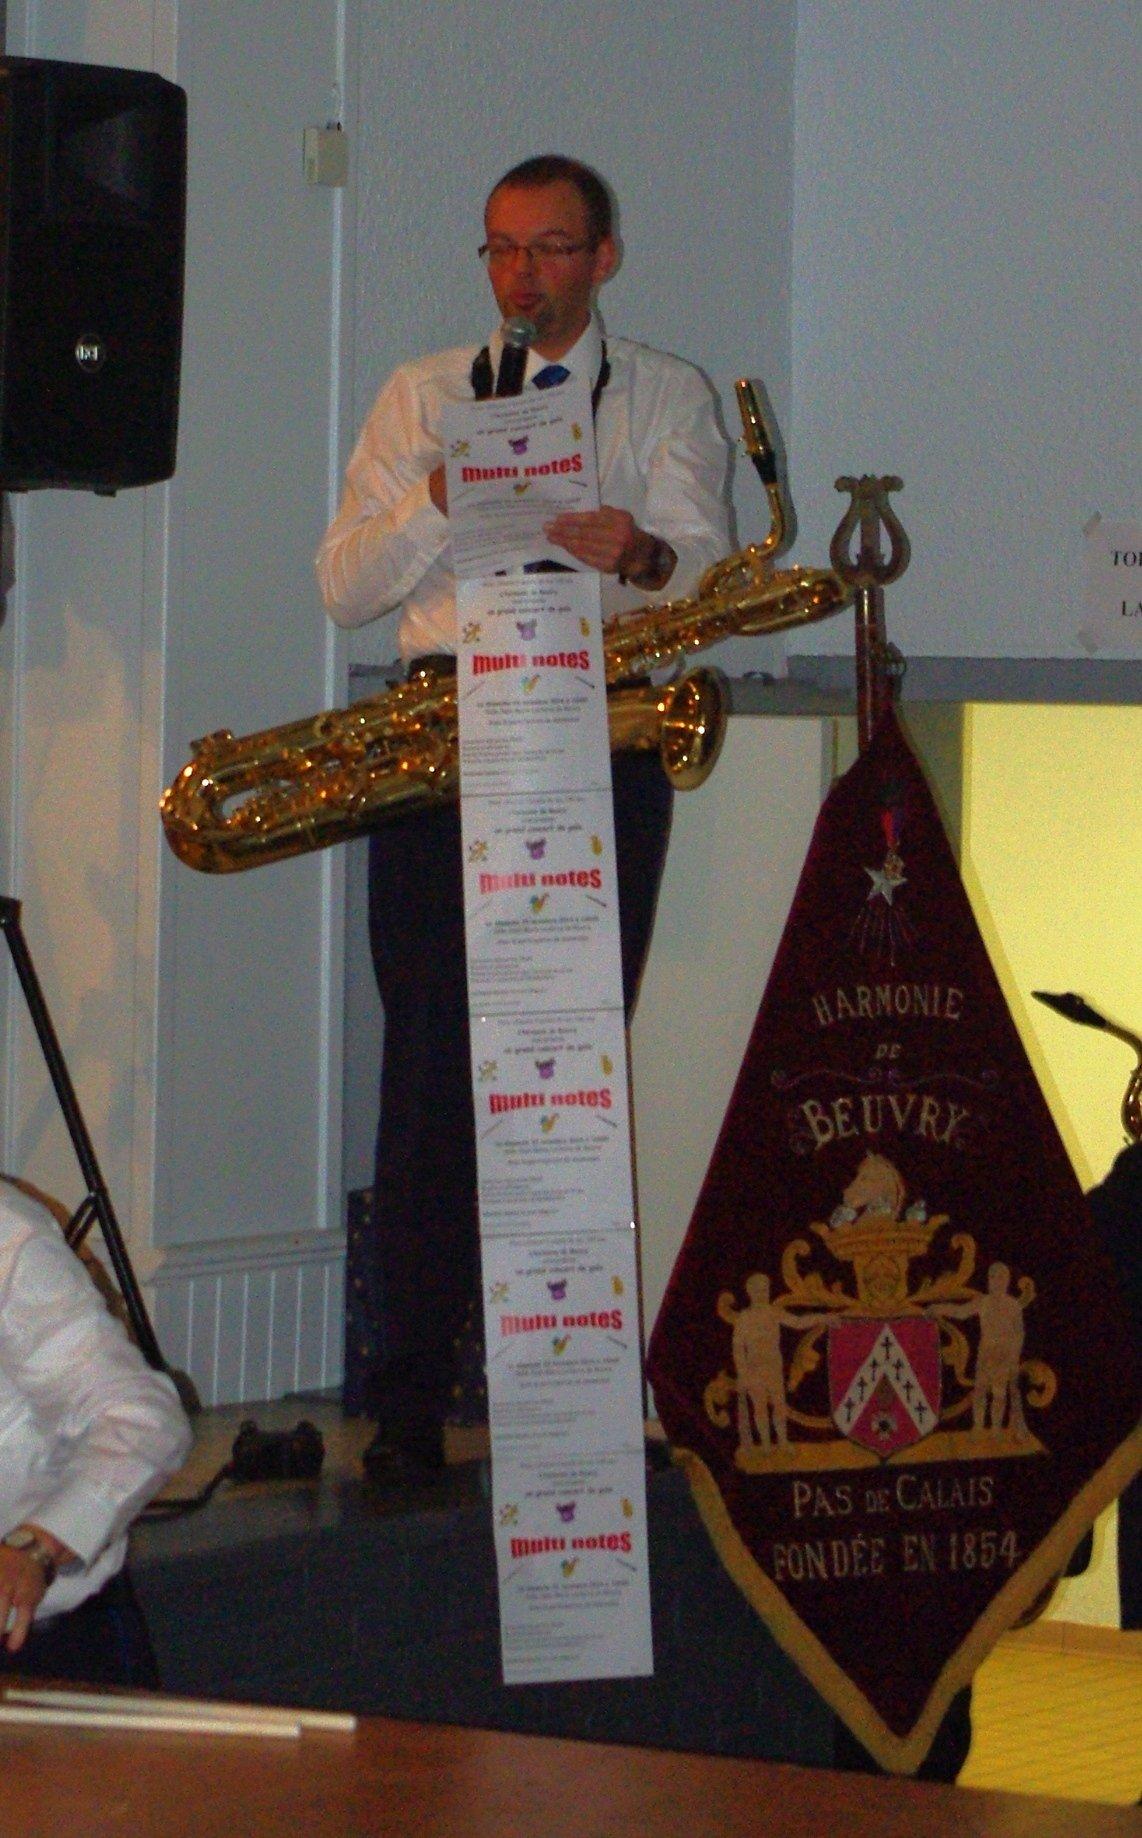 Les 160 ans de l'harmonie de Beuvry, fêtés comme il se doit ! dans Festivités 23-11-2014-multi-notes-95